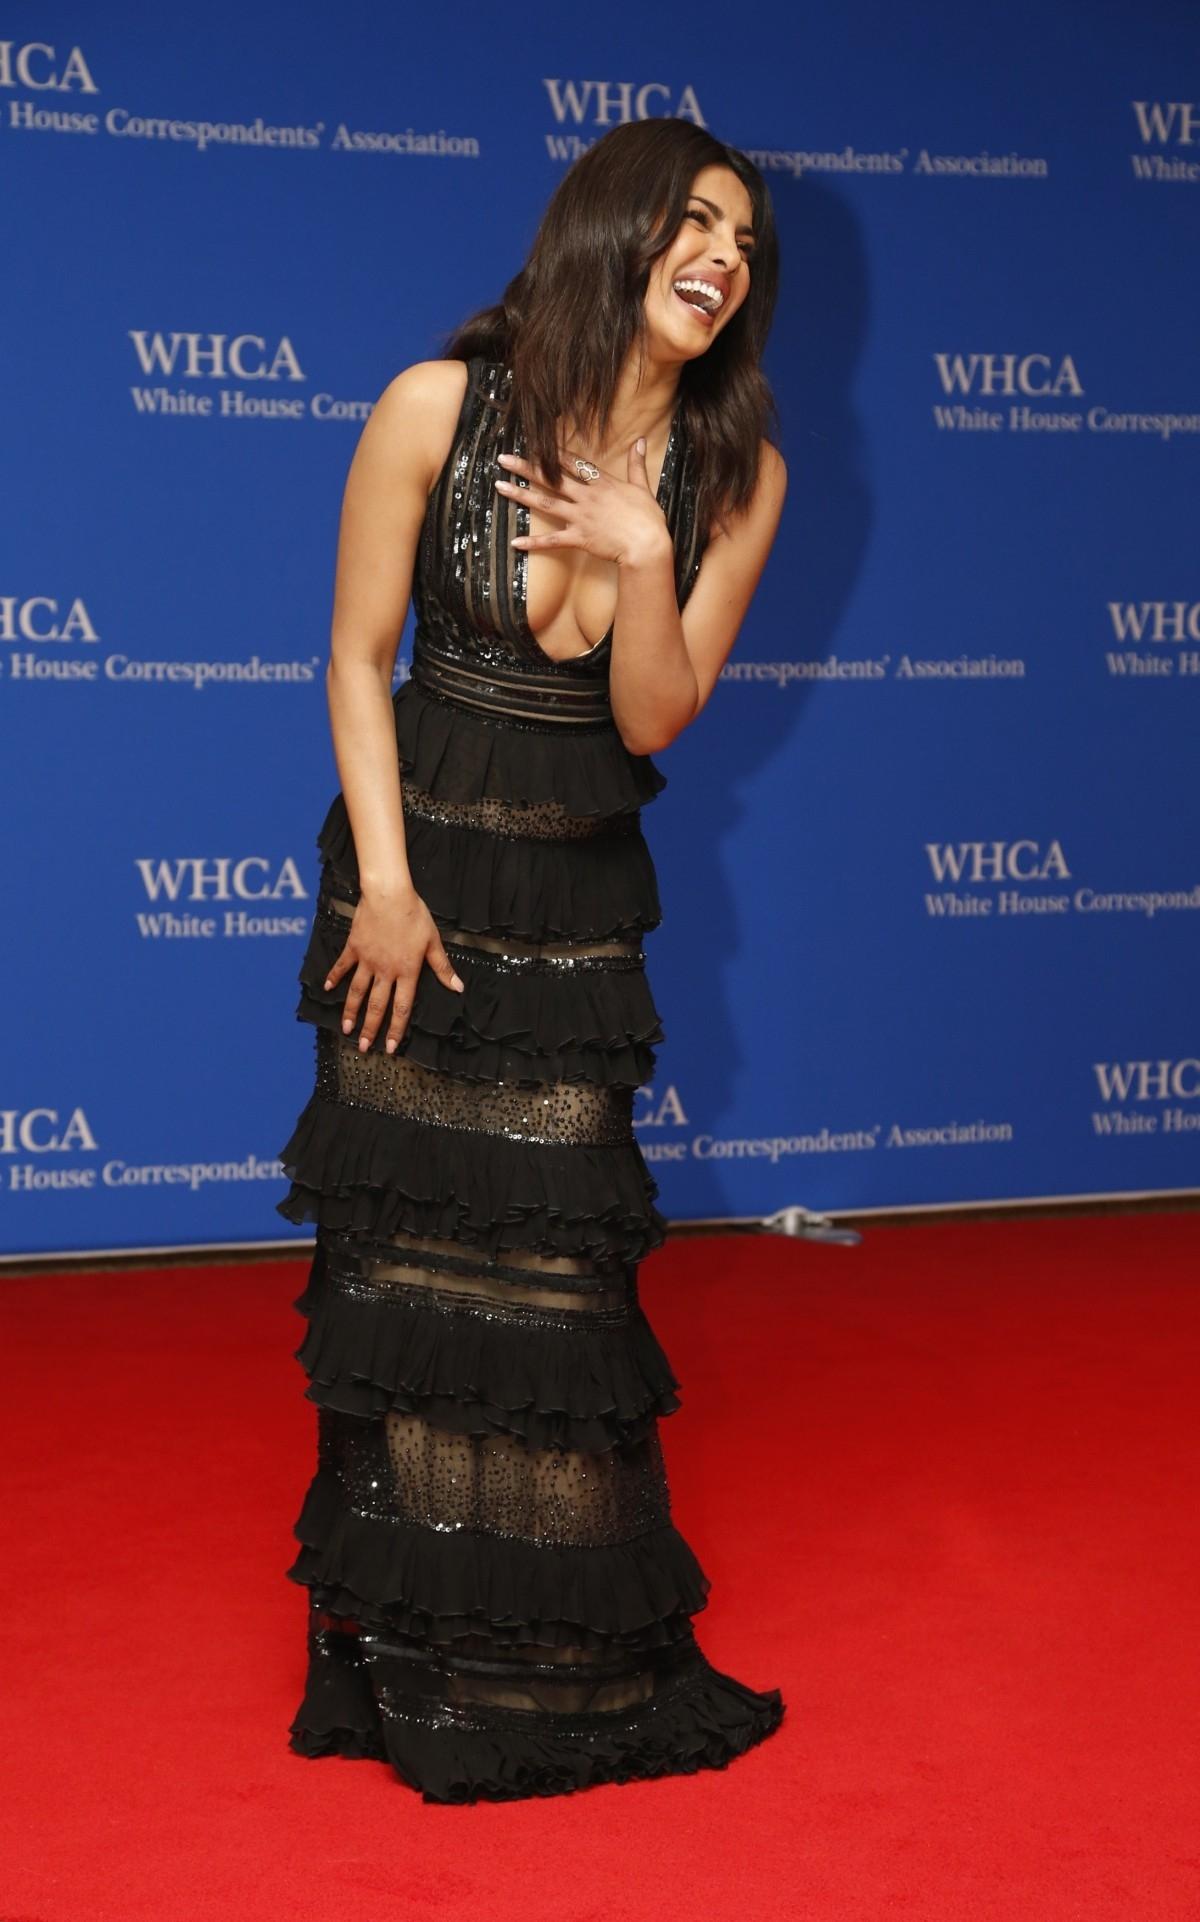 """بريانكا شوبرا في عشاء """"البيت الأبيض"""" بفستان من زهير مراد ومكياج ناعم"""